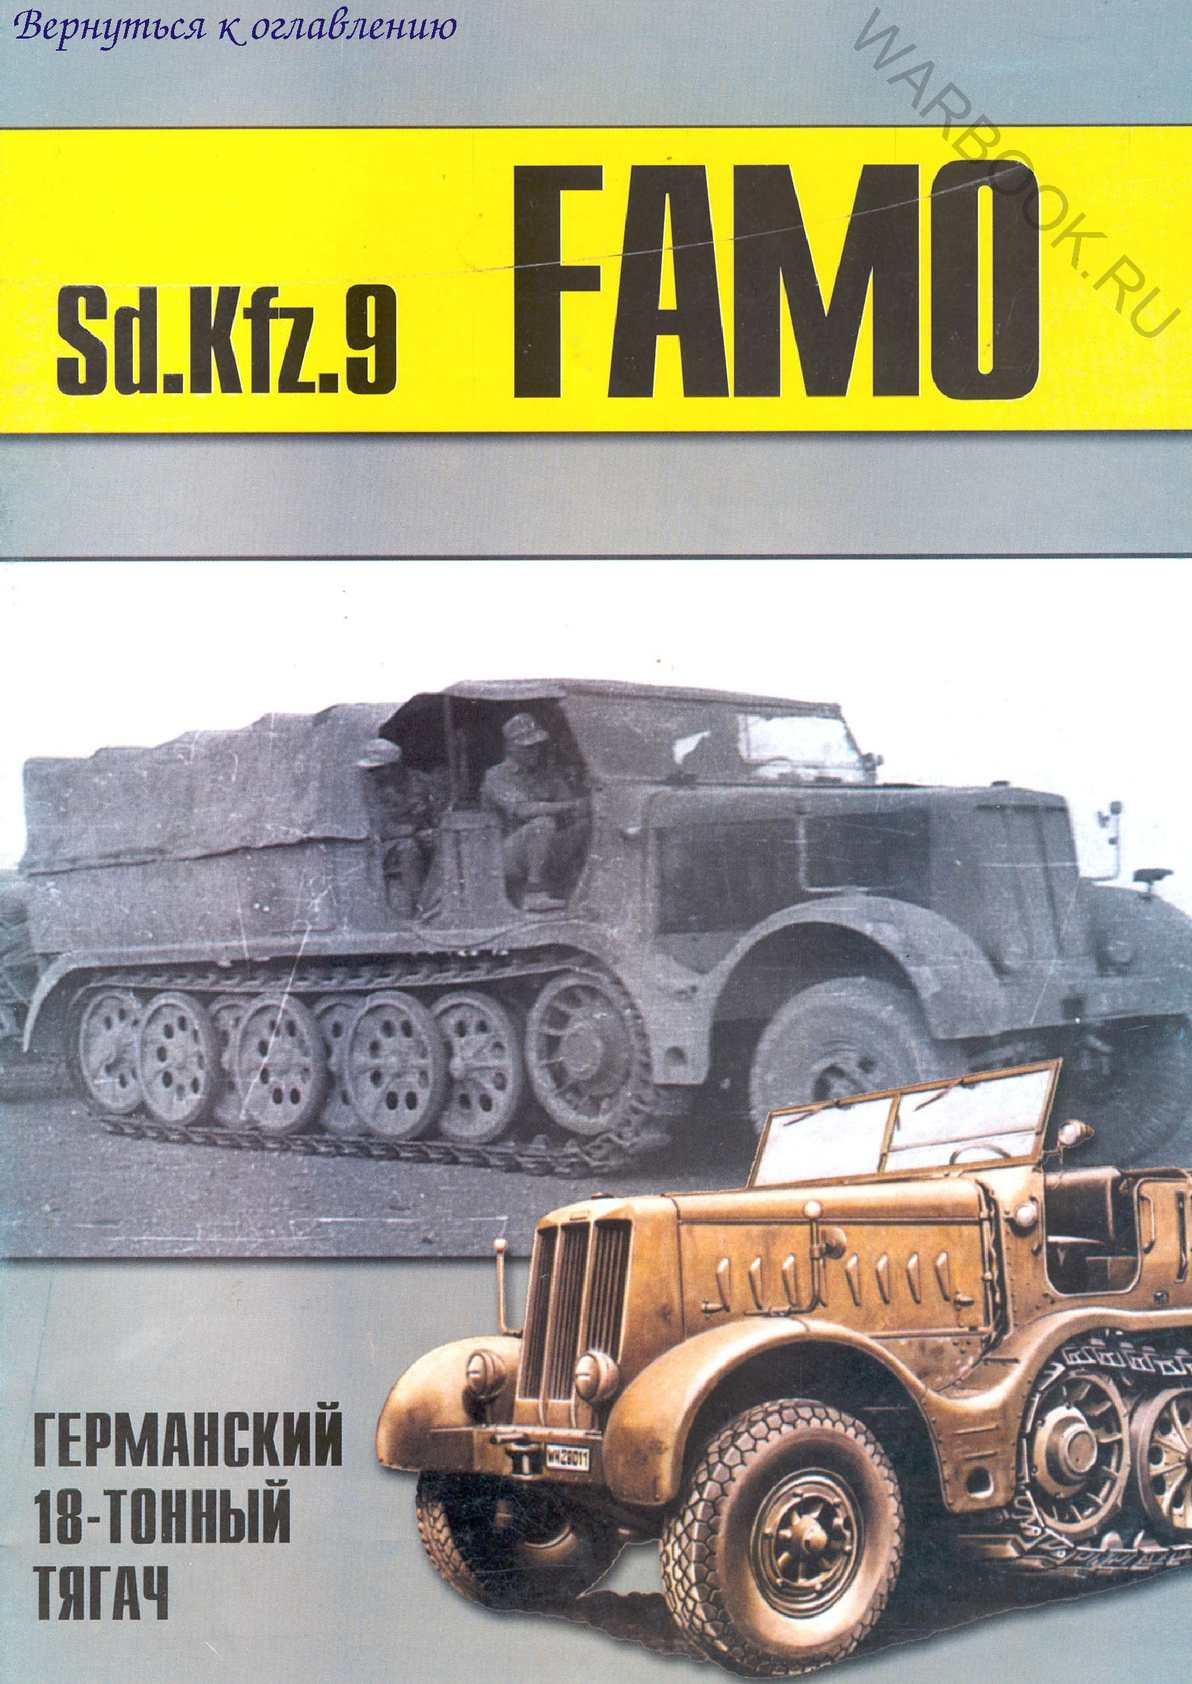 Торнадо - Военно-техническая серия 106 - Sd Kfz 9 Famo германский 18-тонный тягач